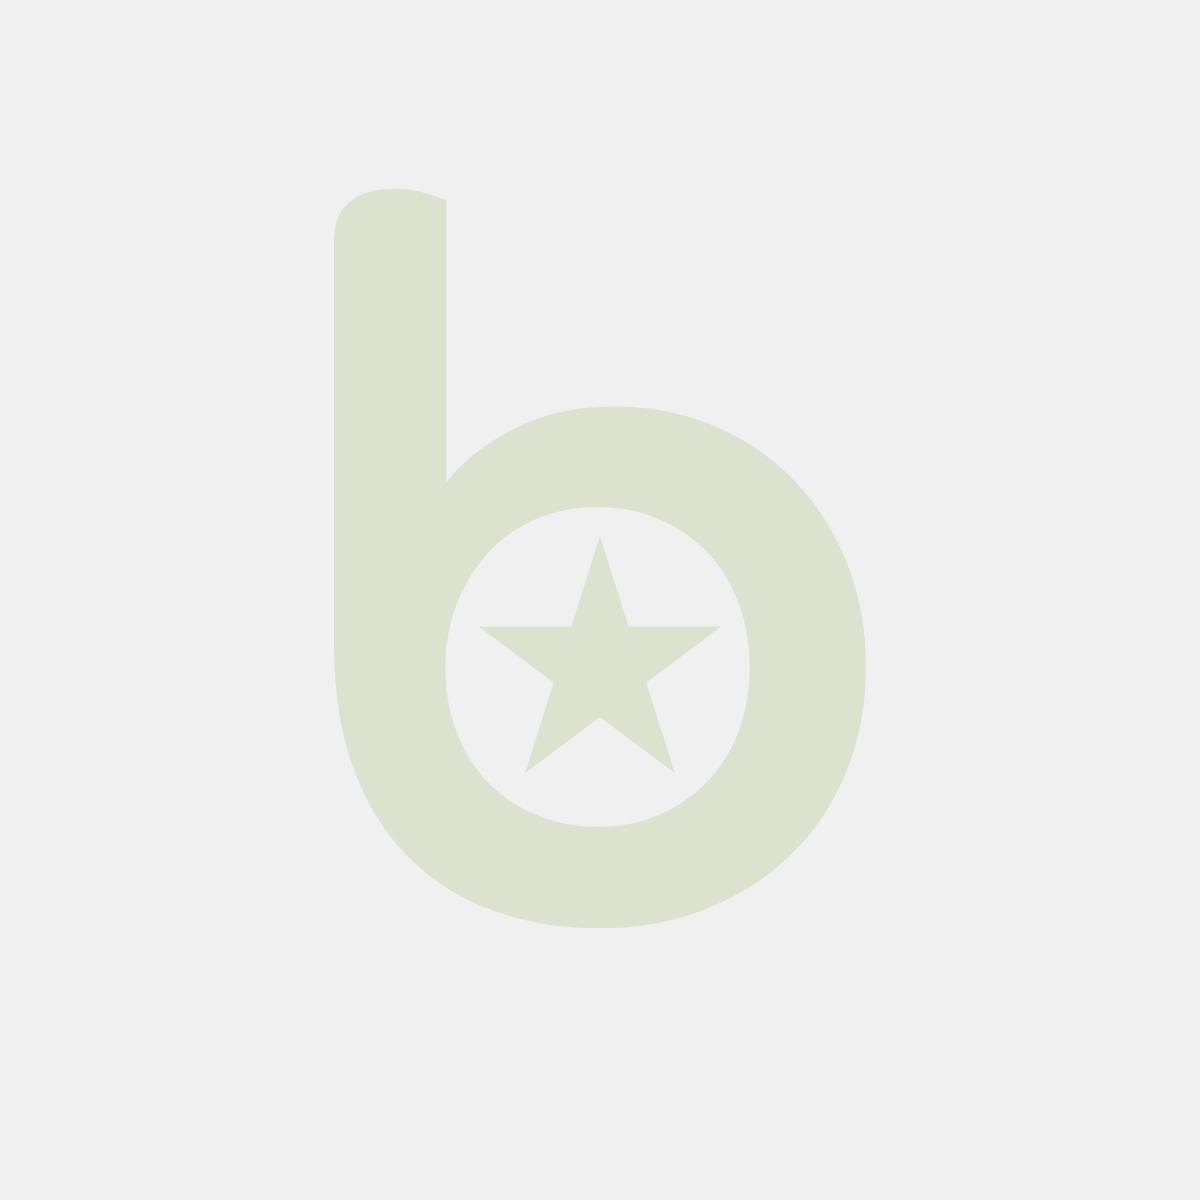 FINGERFOOD - miseczka PS 5,8x5,8x1,5cm transparentna op. 50 sztuk